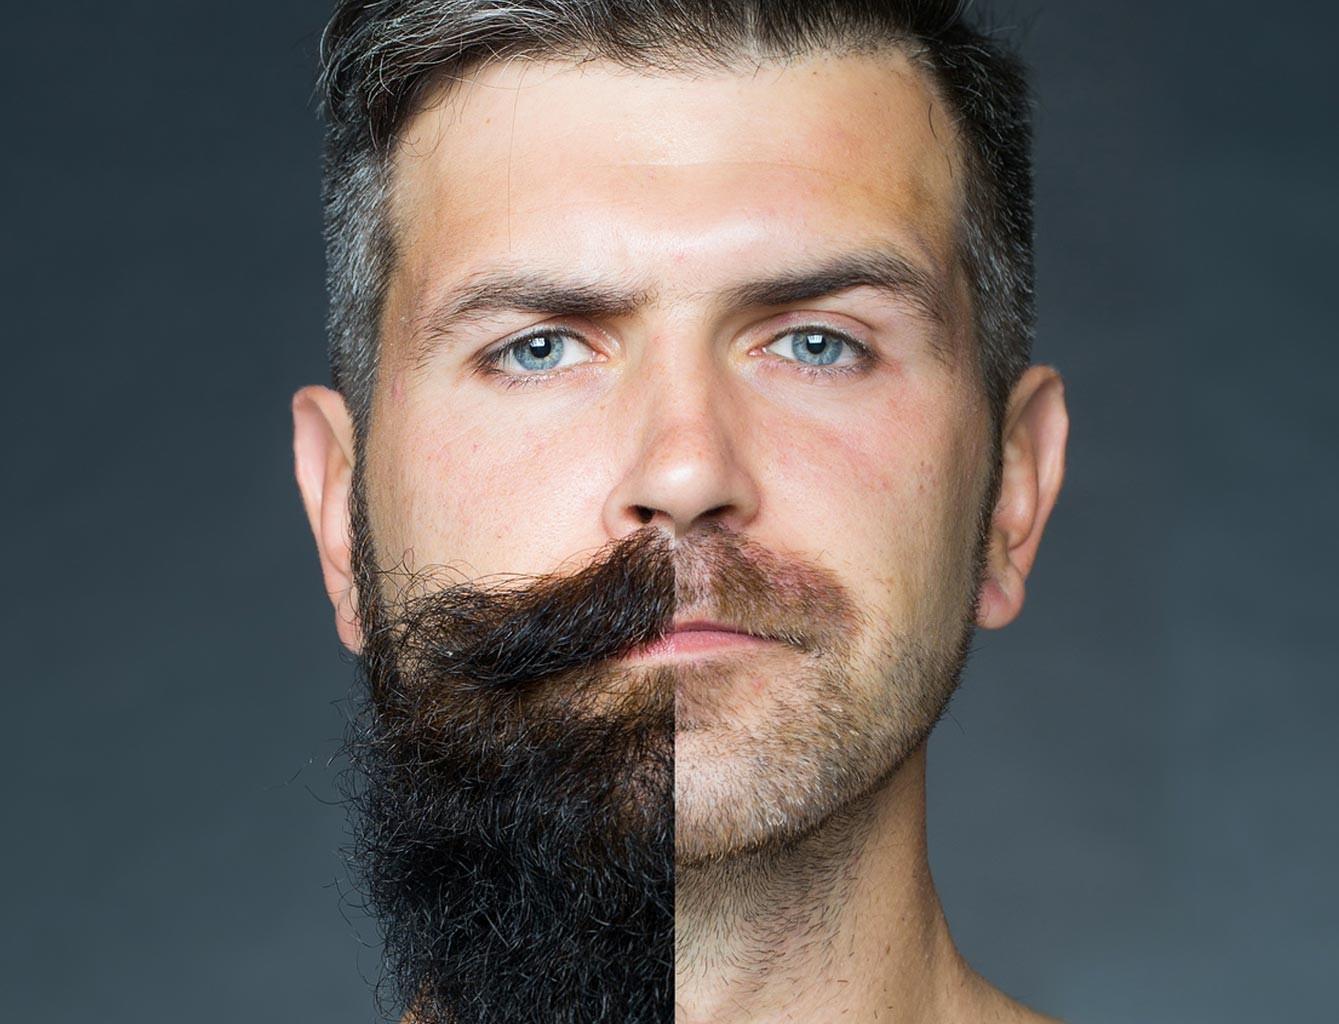 barbe 1 mois aurez vous le courage de la laisser pousser. Black Bedroom Furniture Sets. Home Design Ideas